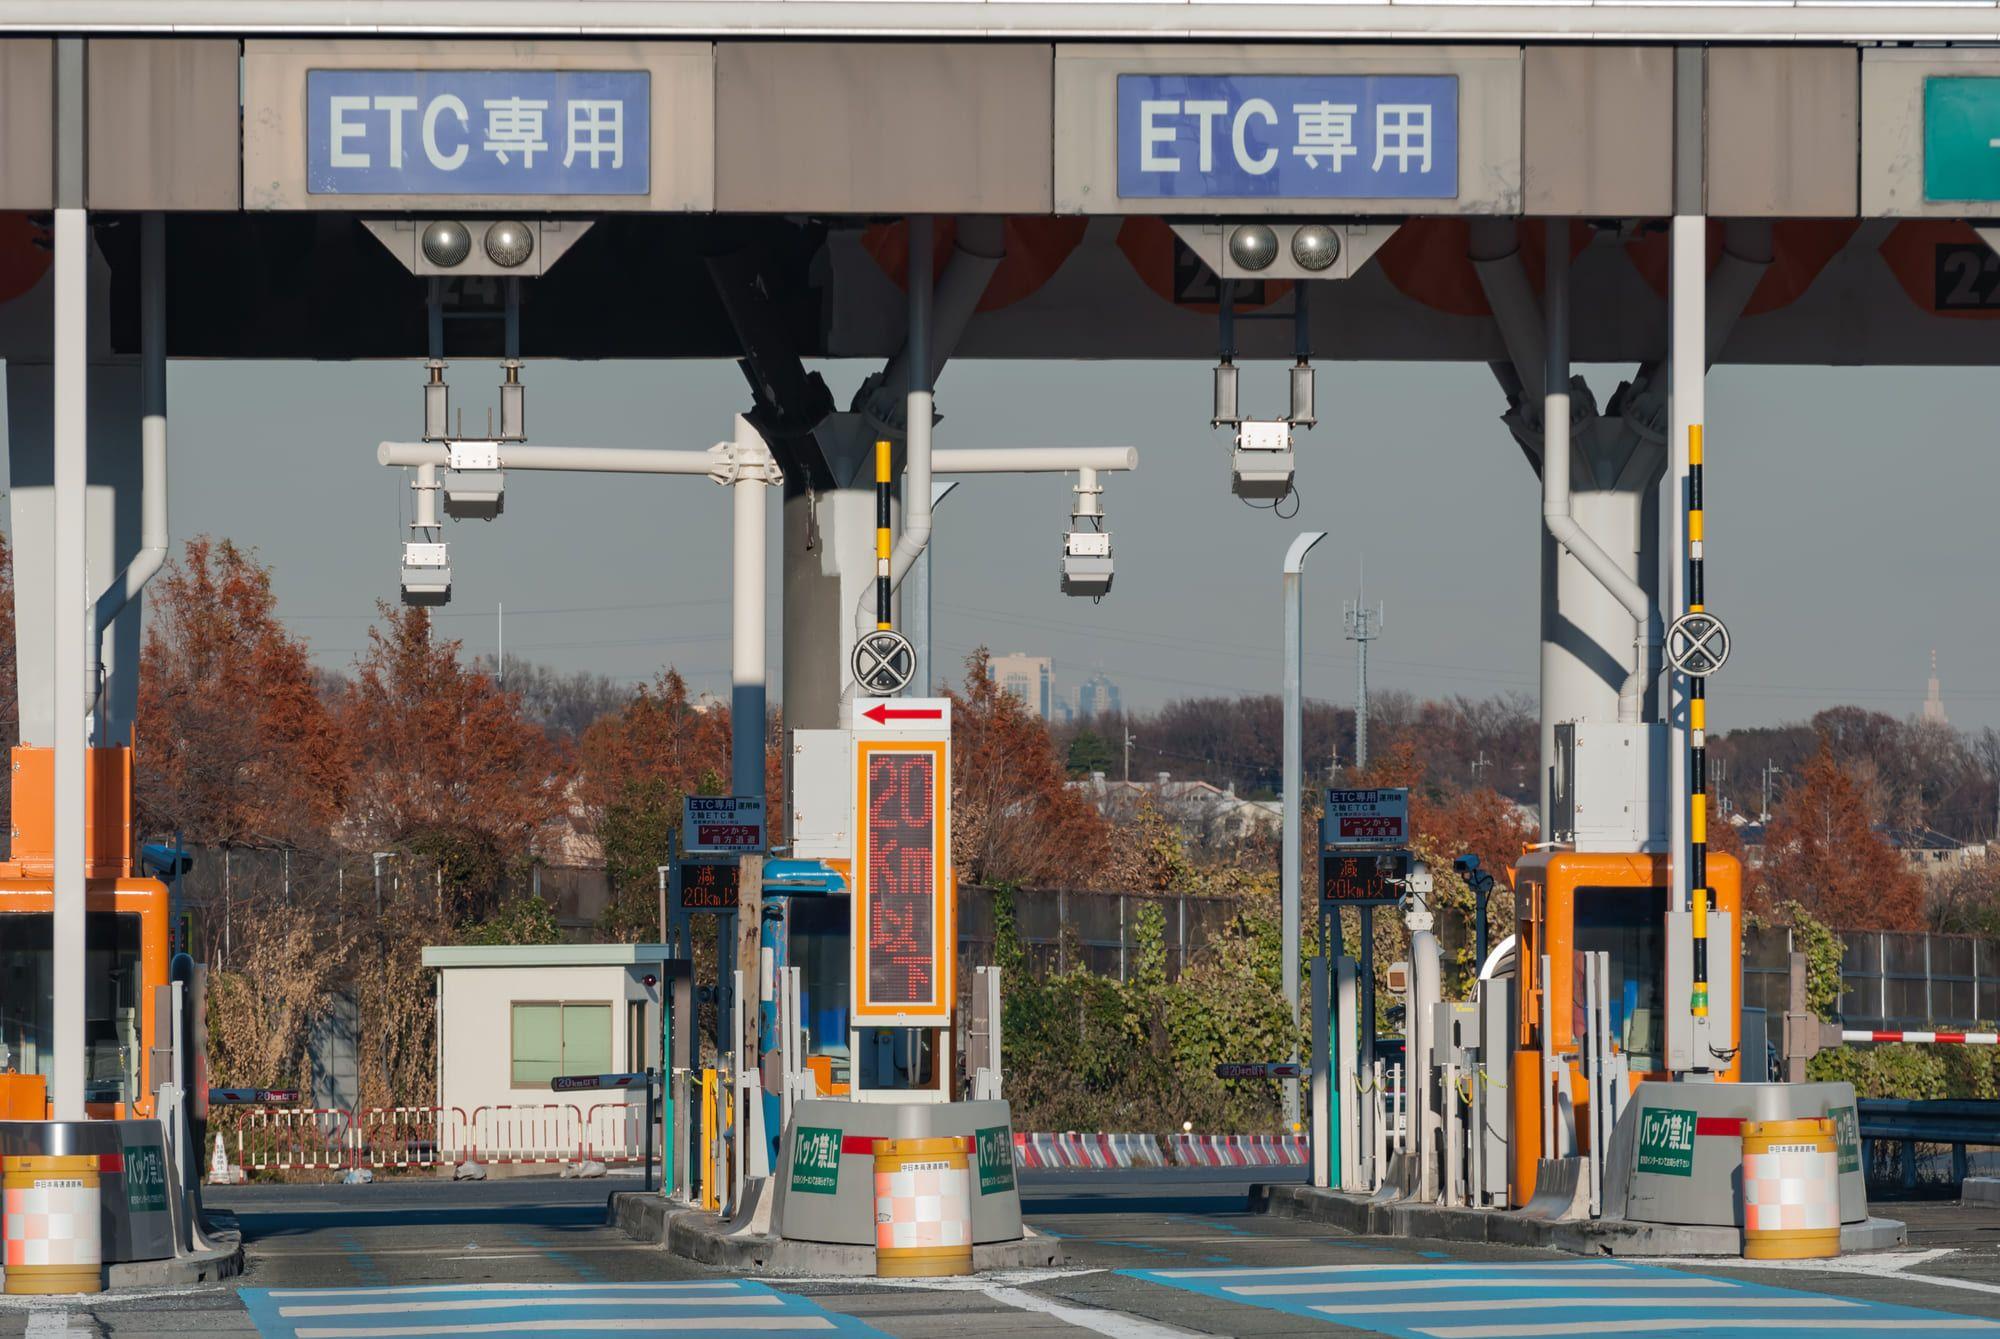 ETC専用入り口